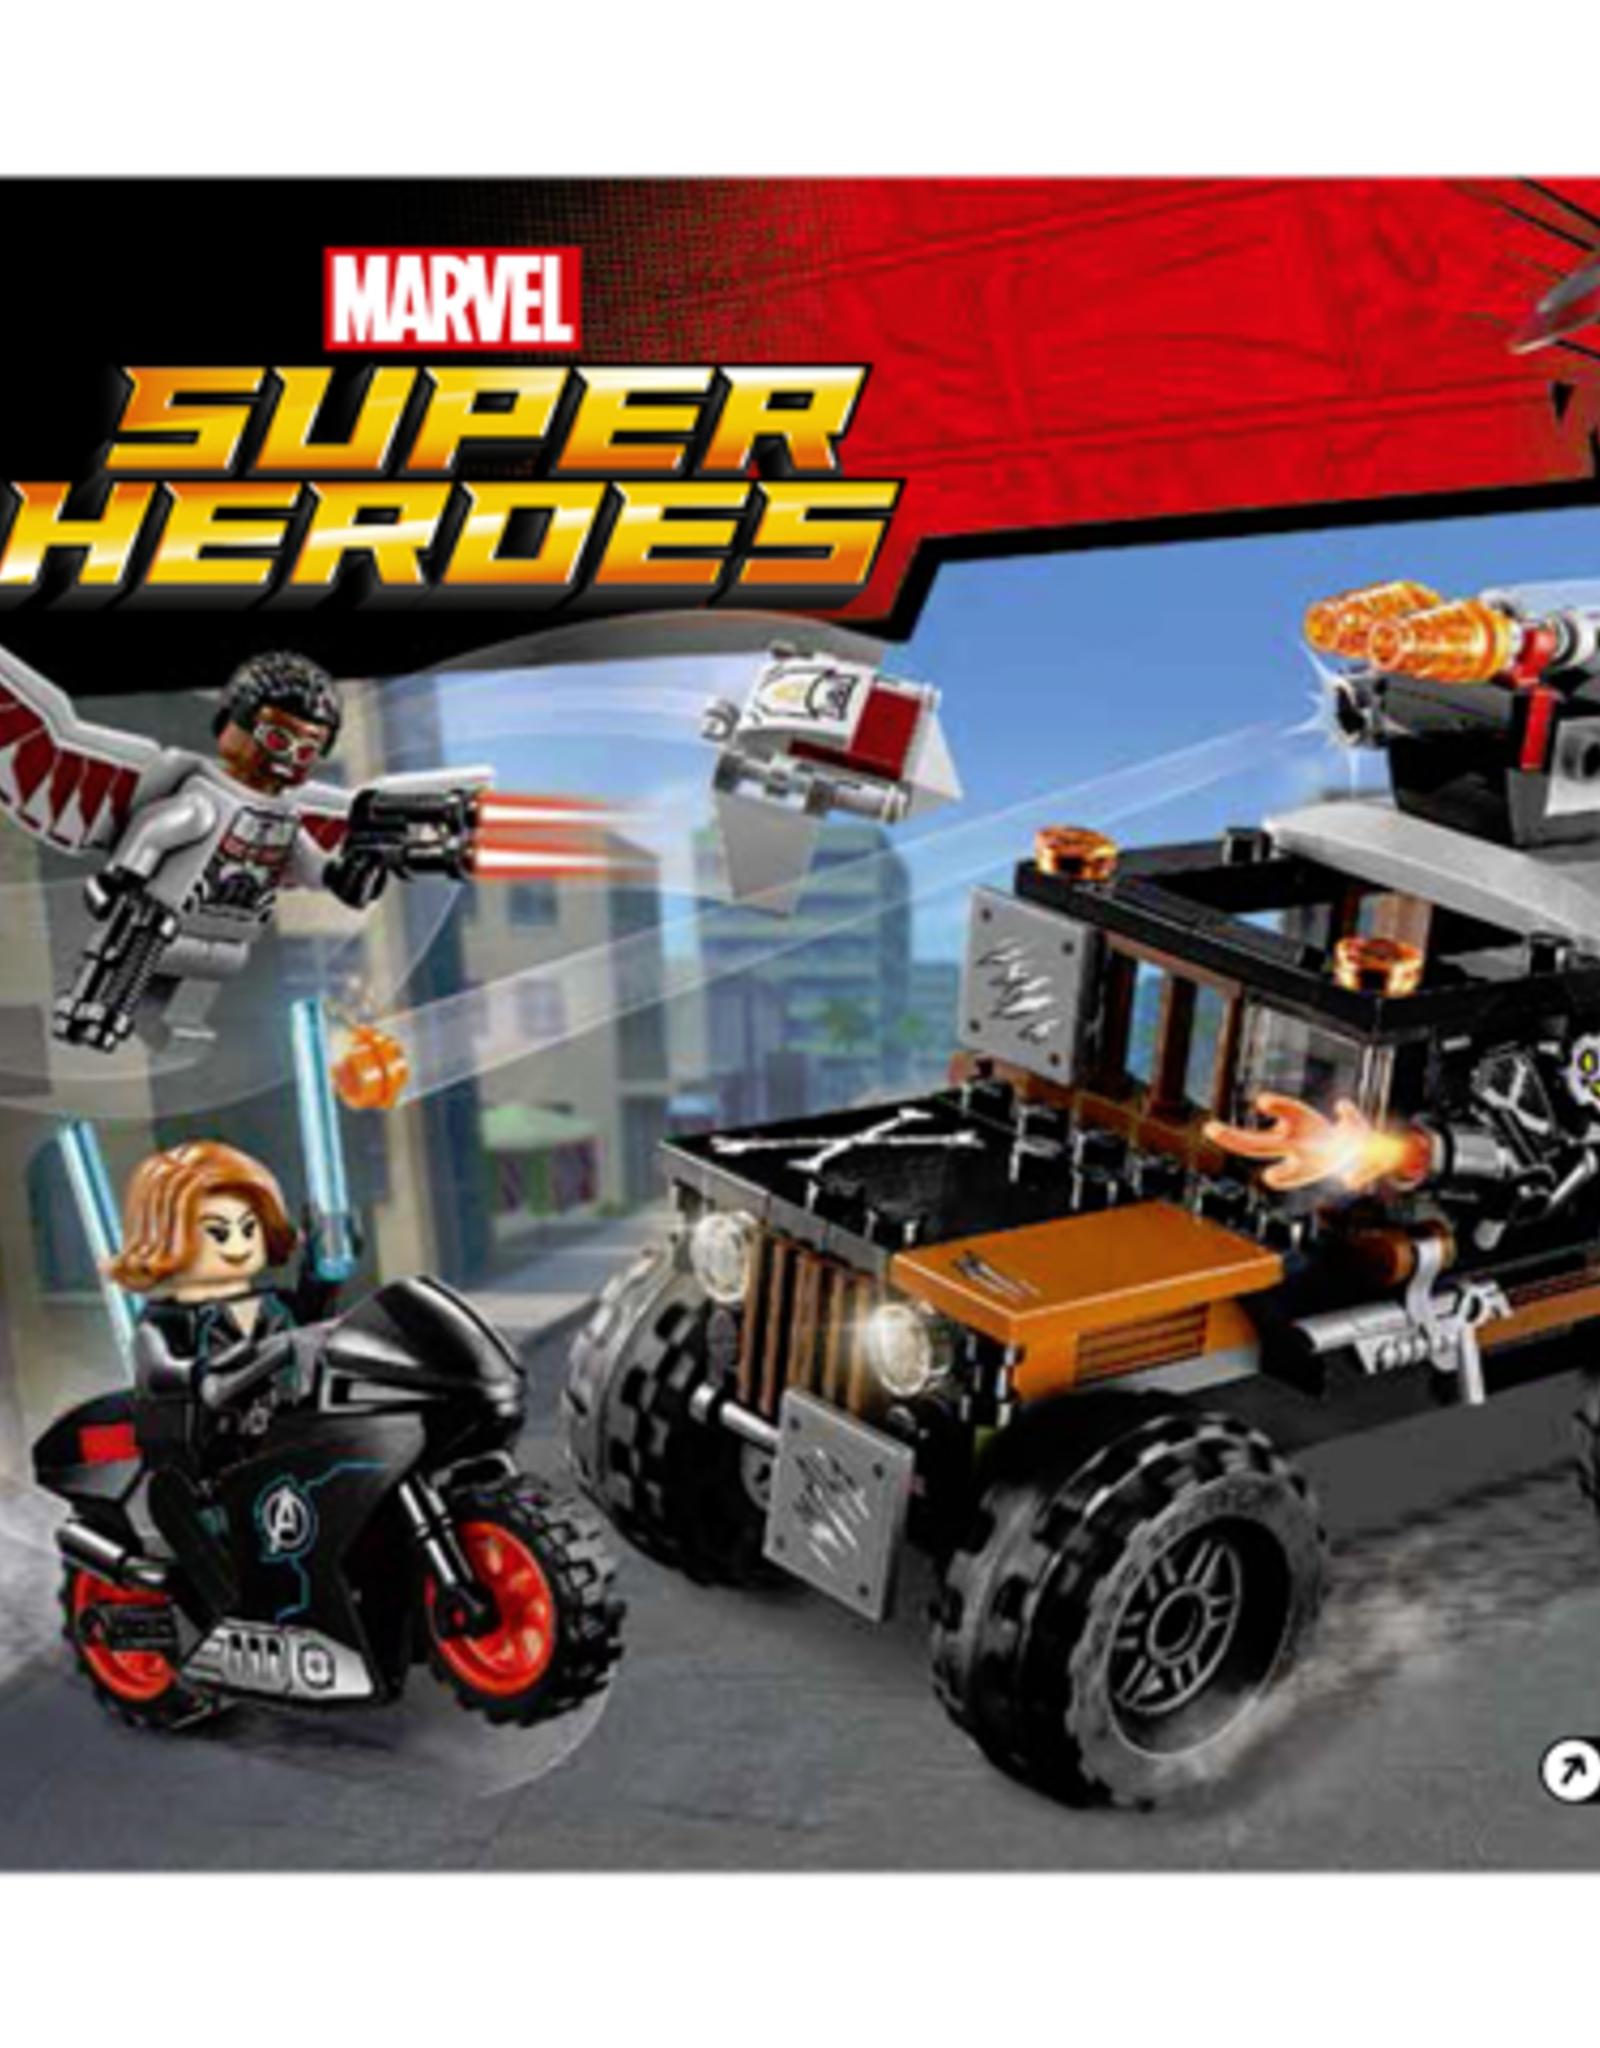 LEGO LEGO 76050 Crossbones' Hazard Heist  SUPER HEROES